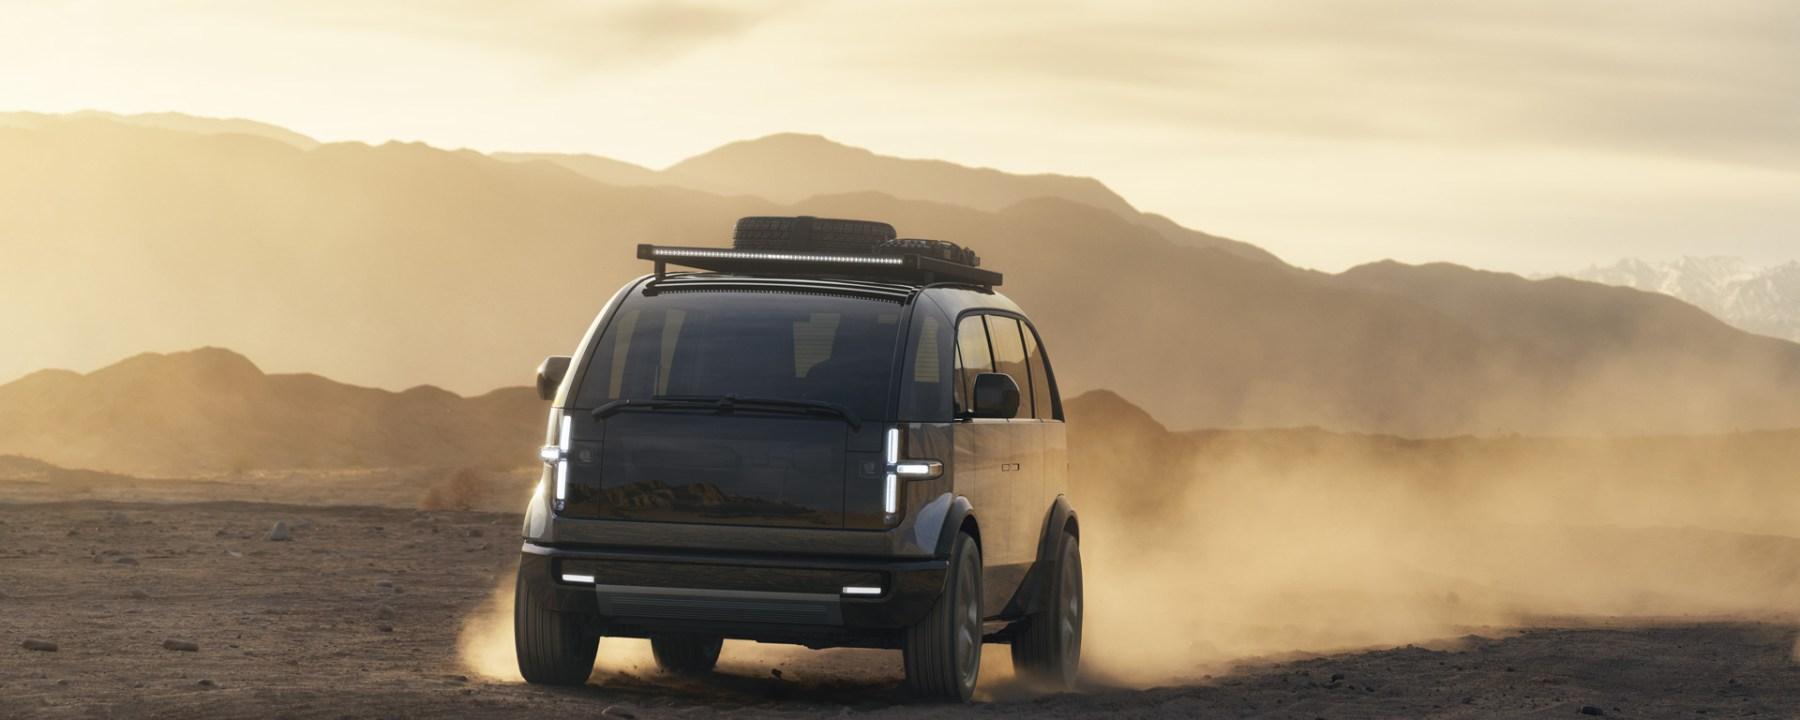 Canoo Van Exterior